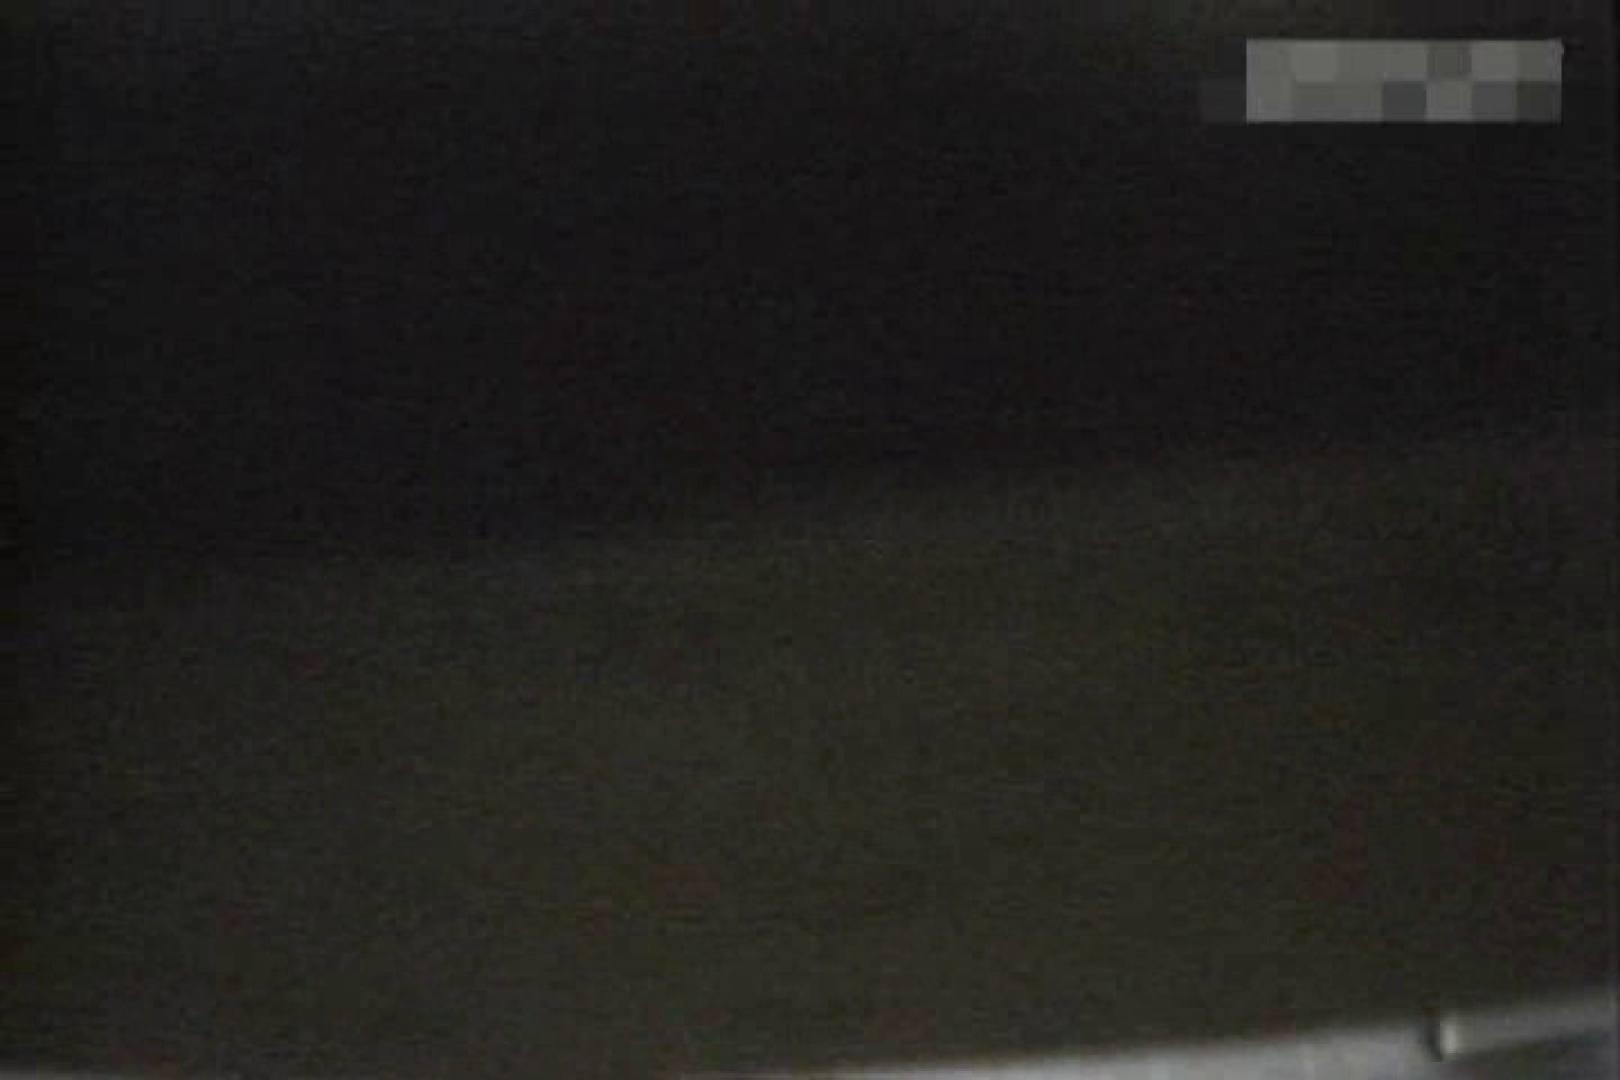 個室狂いのマニア映像Vol.2 OLヌード天国  77PIX 24